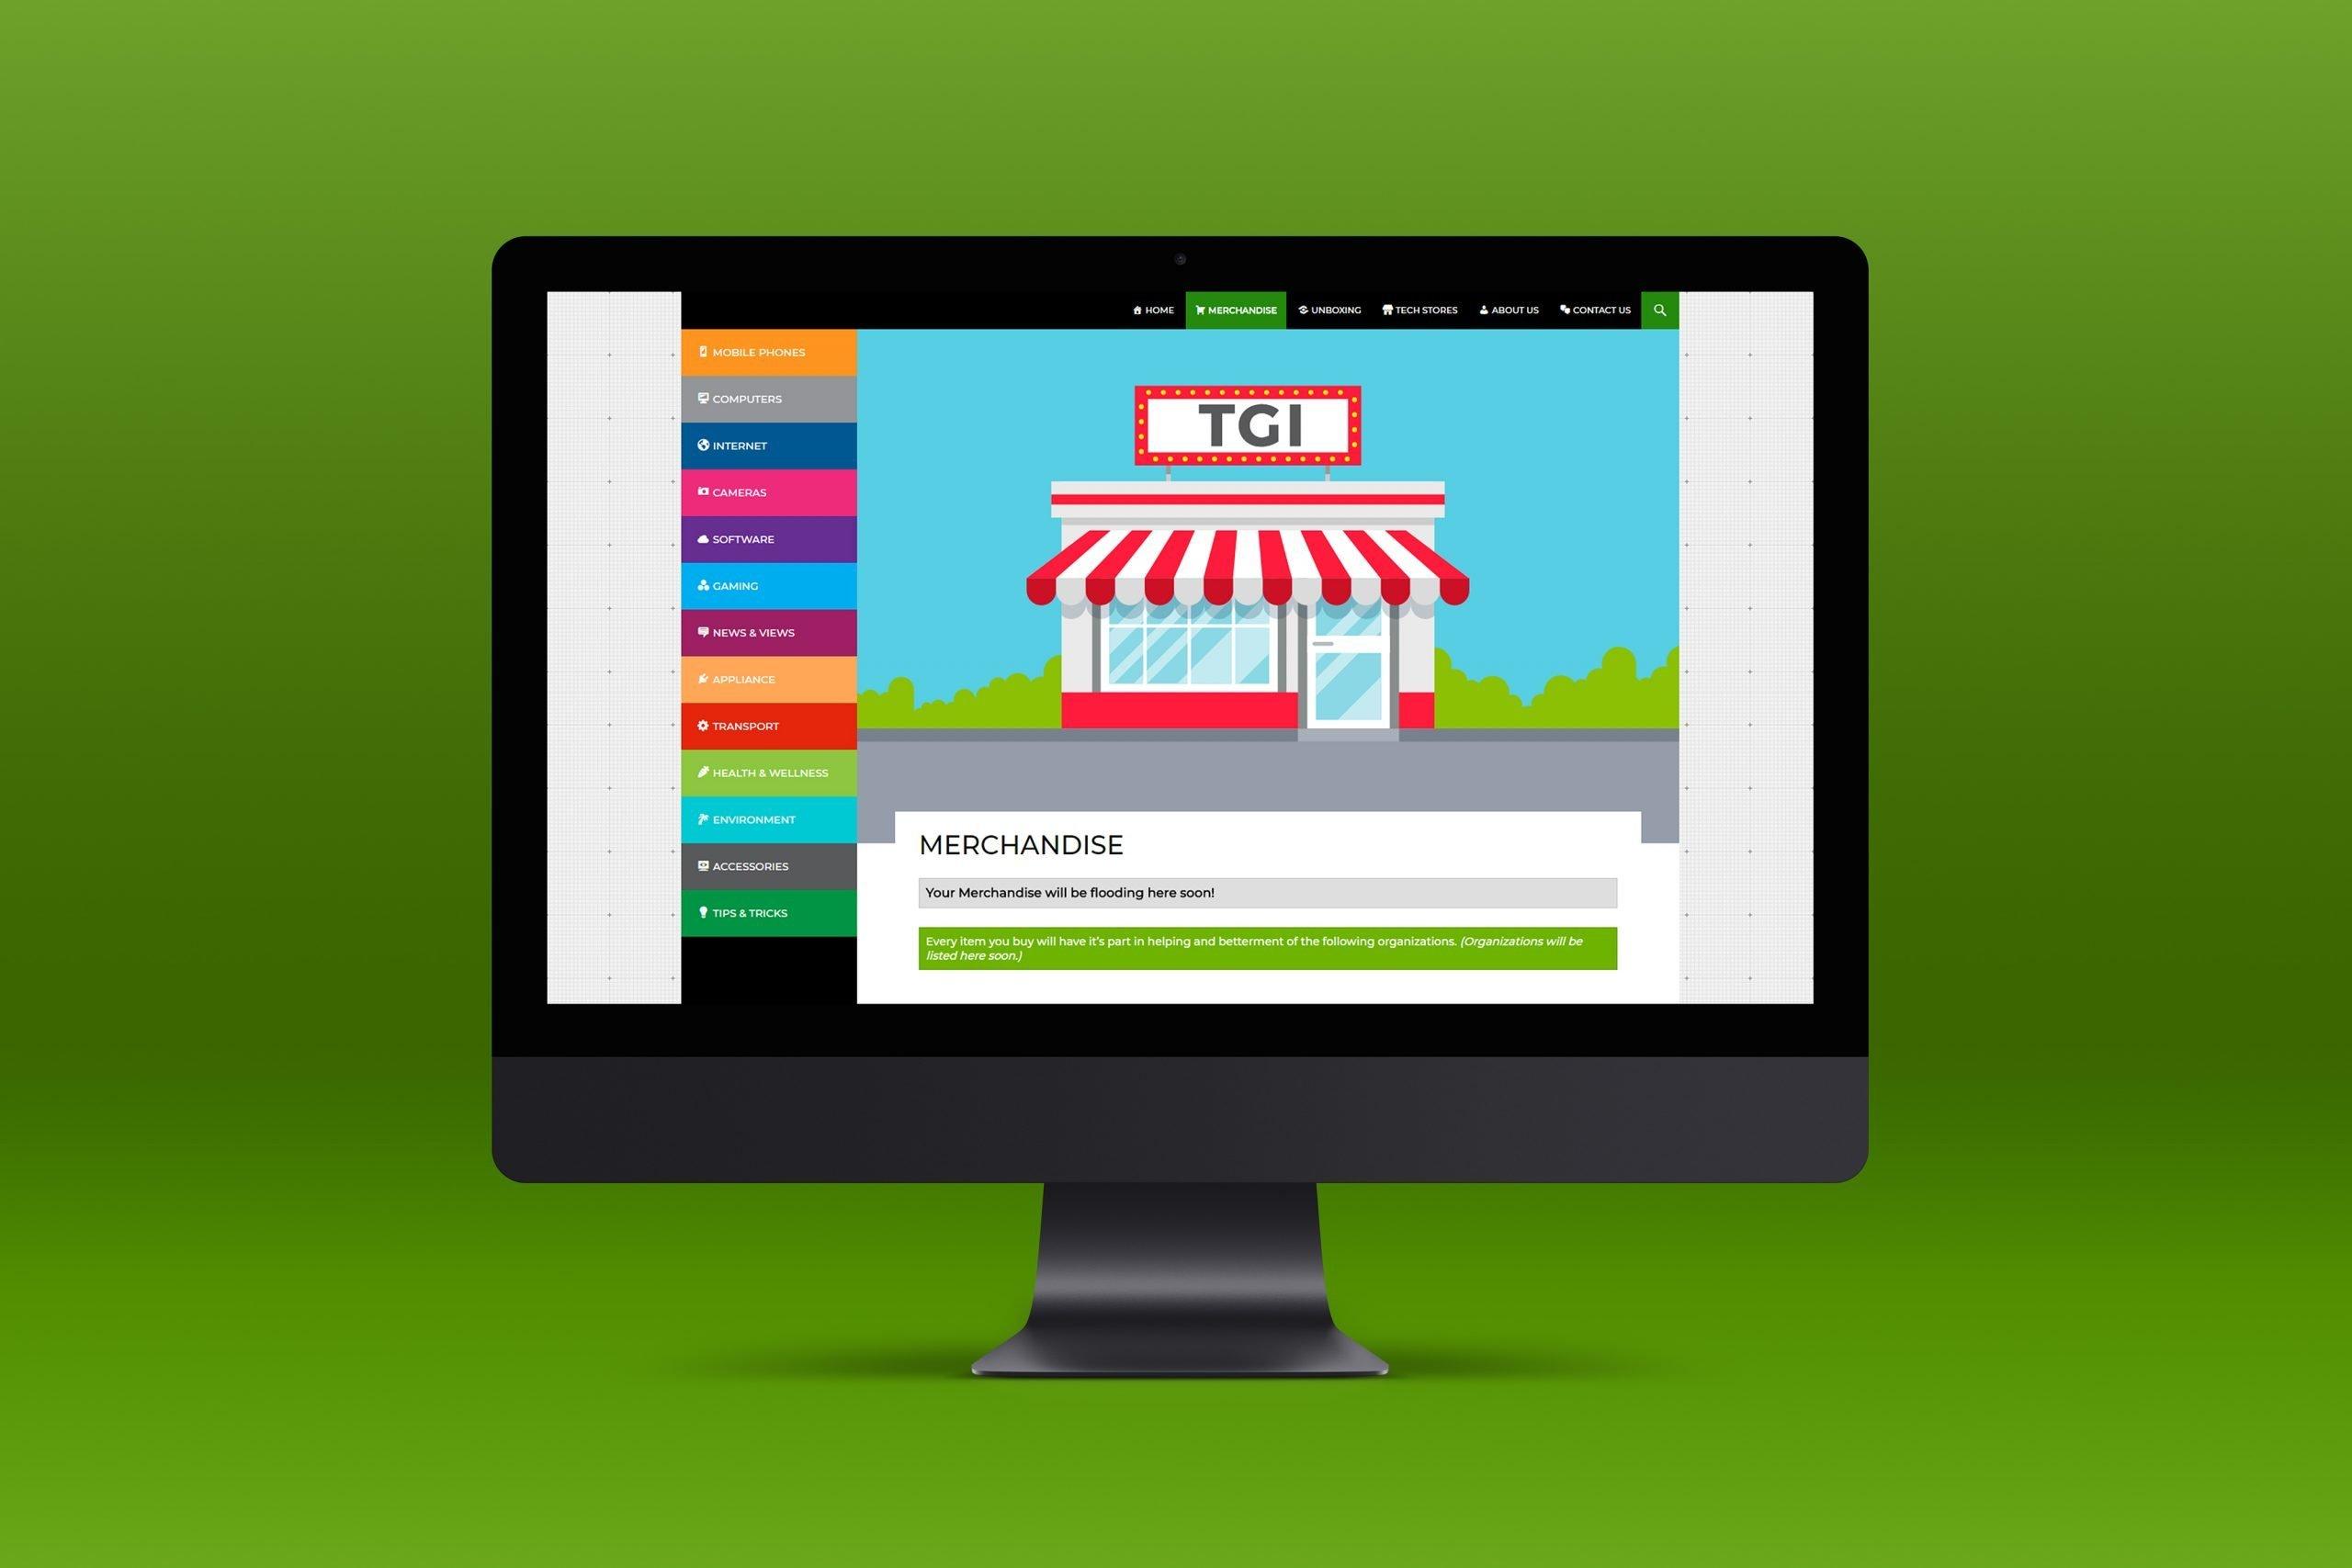 Top Gadget Info Web UI Mock-Up 1